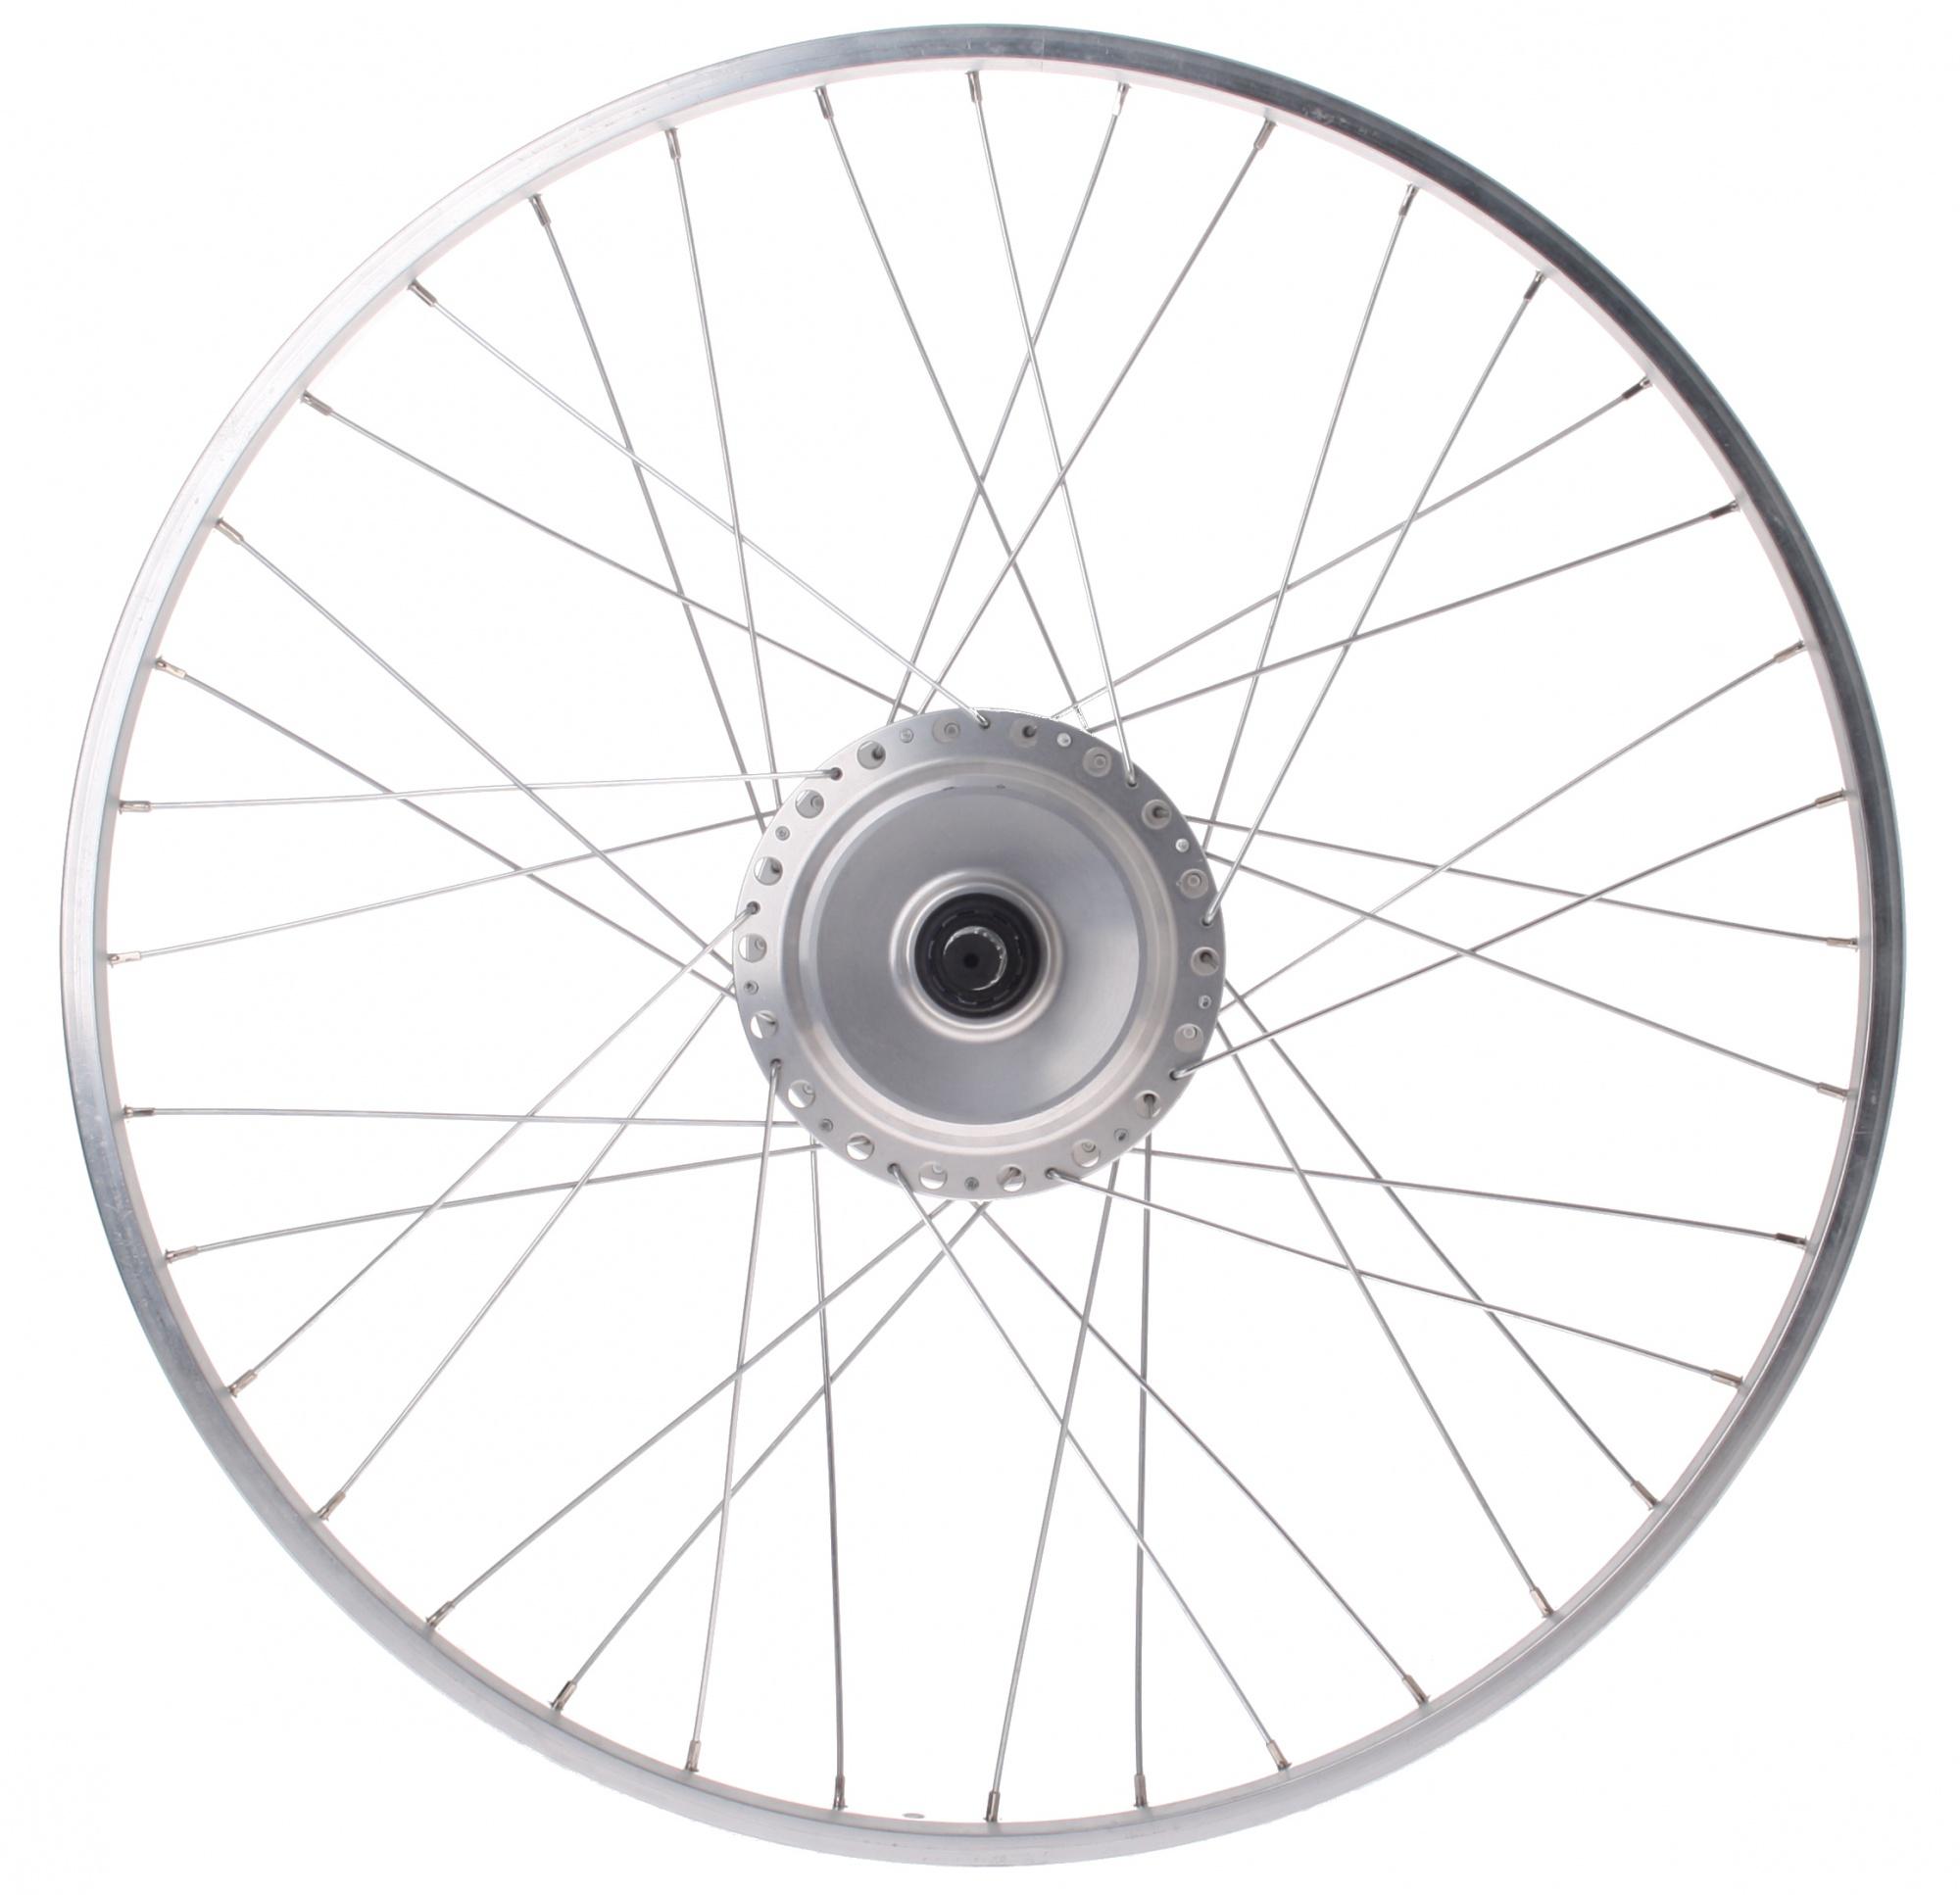 Nuvinci N171 26 Inch Rear Wheel 36g Steel Silver